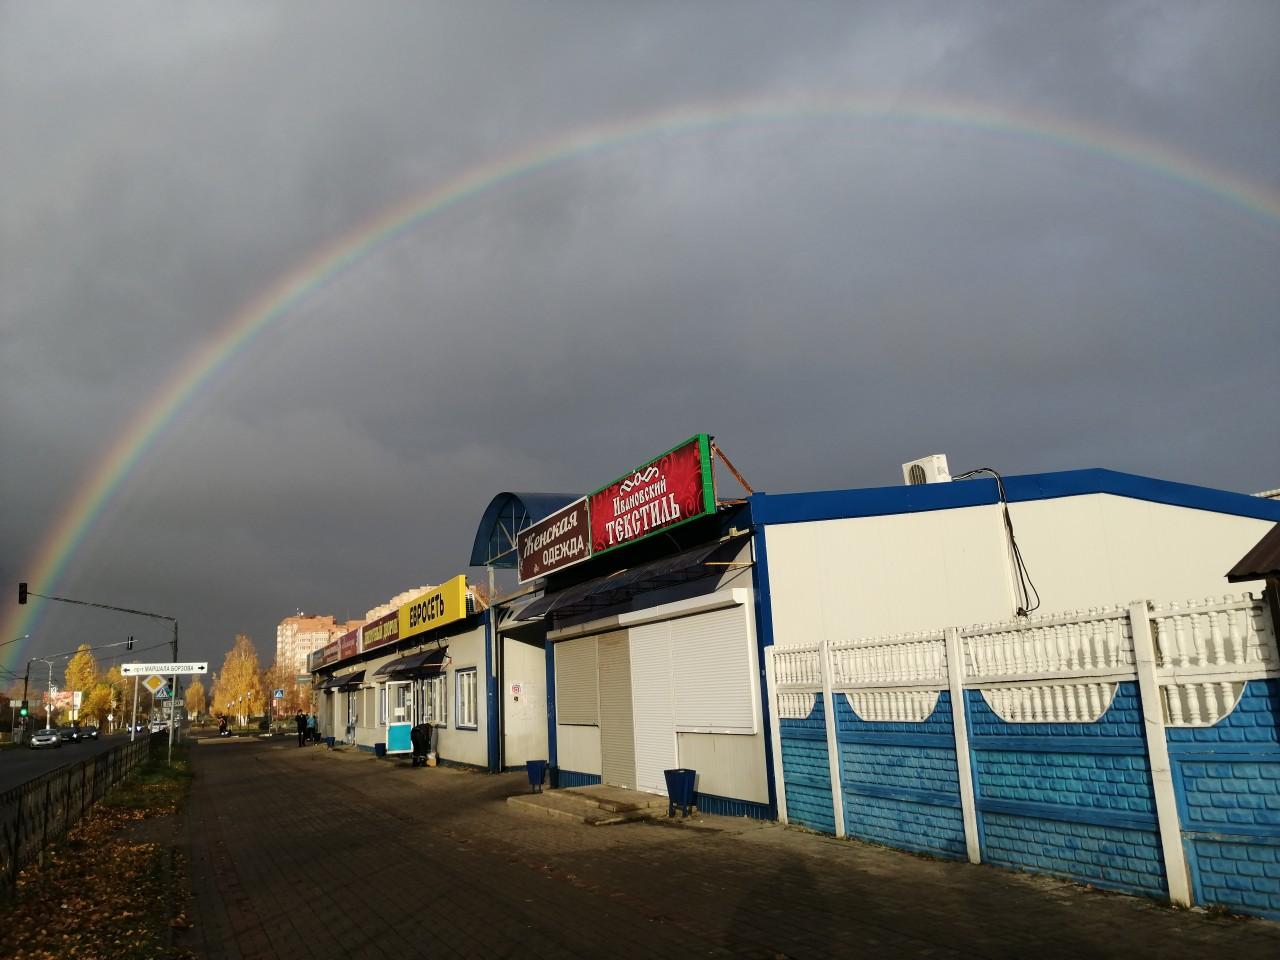 Вот такая радуга порадовала нас с утра. #типичнаяшатура #городнсчинаетсяздесь